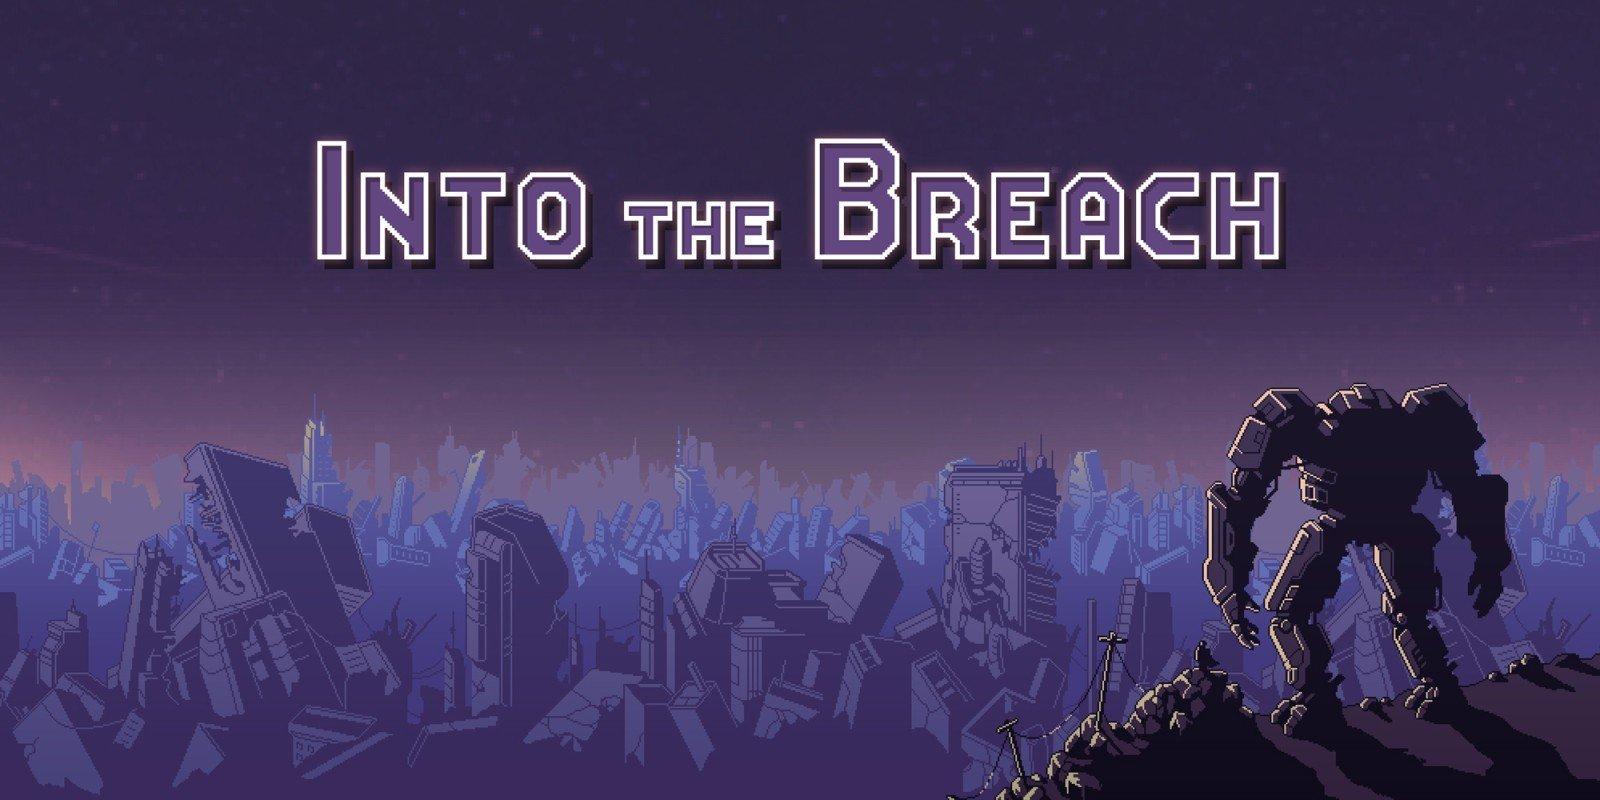 В Epic Games Store началась раздача игры Into The Breach